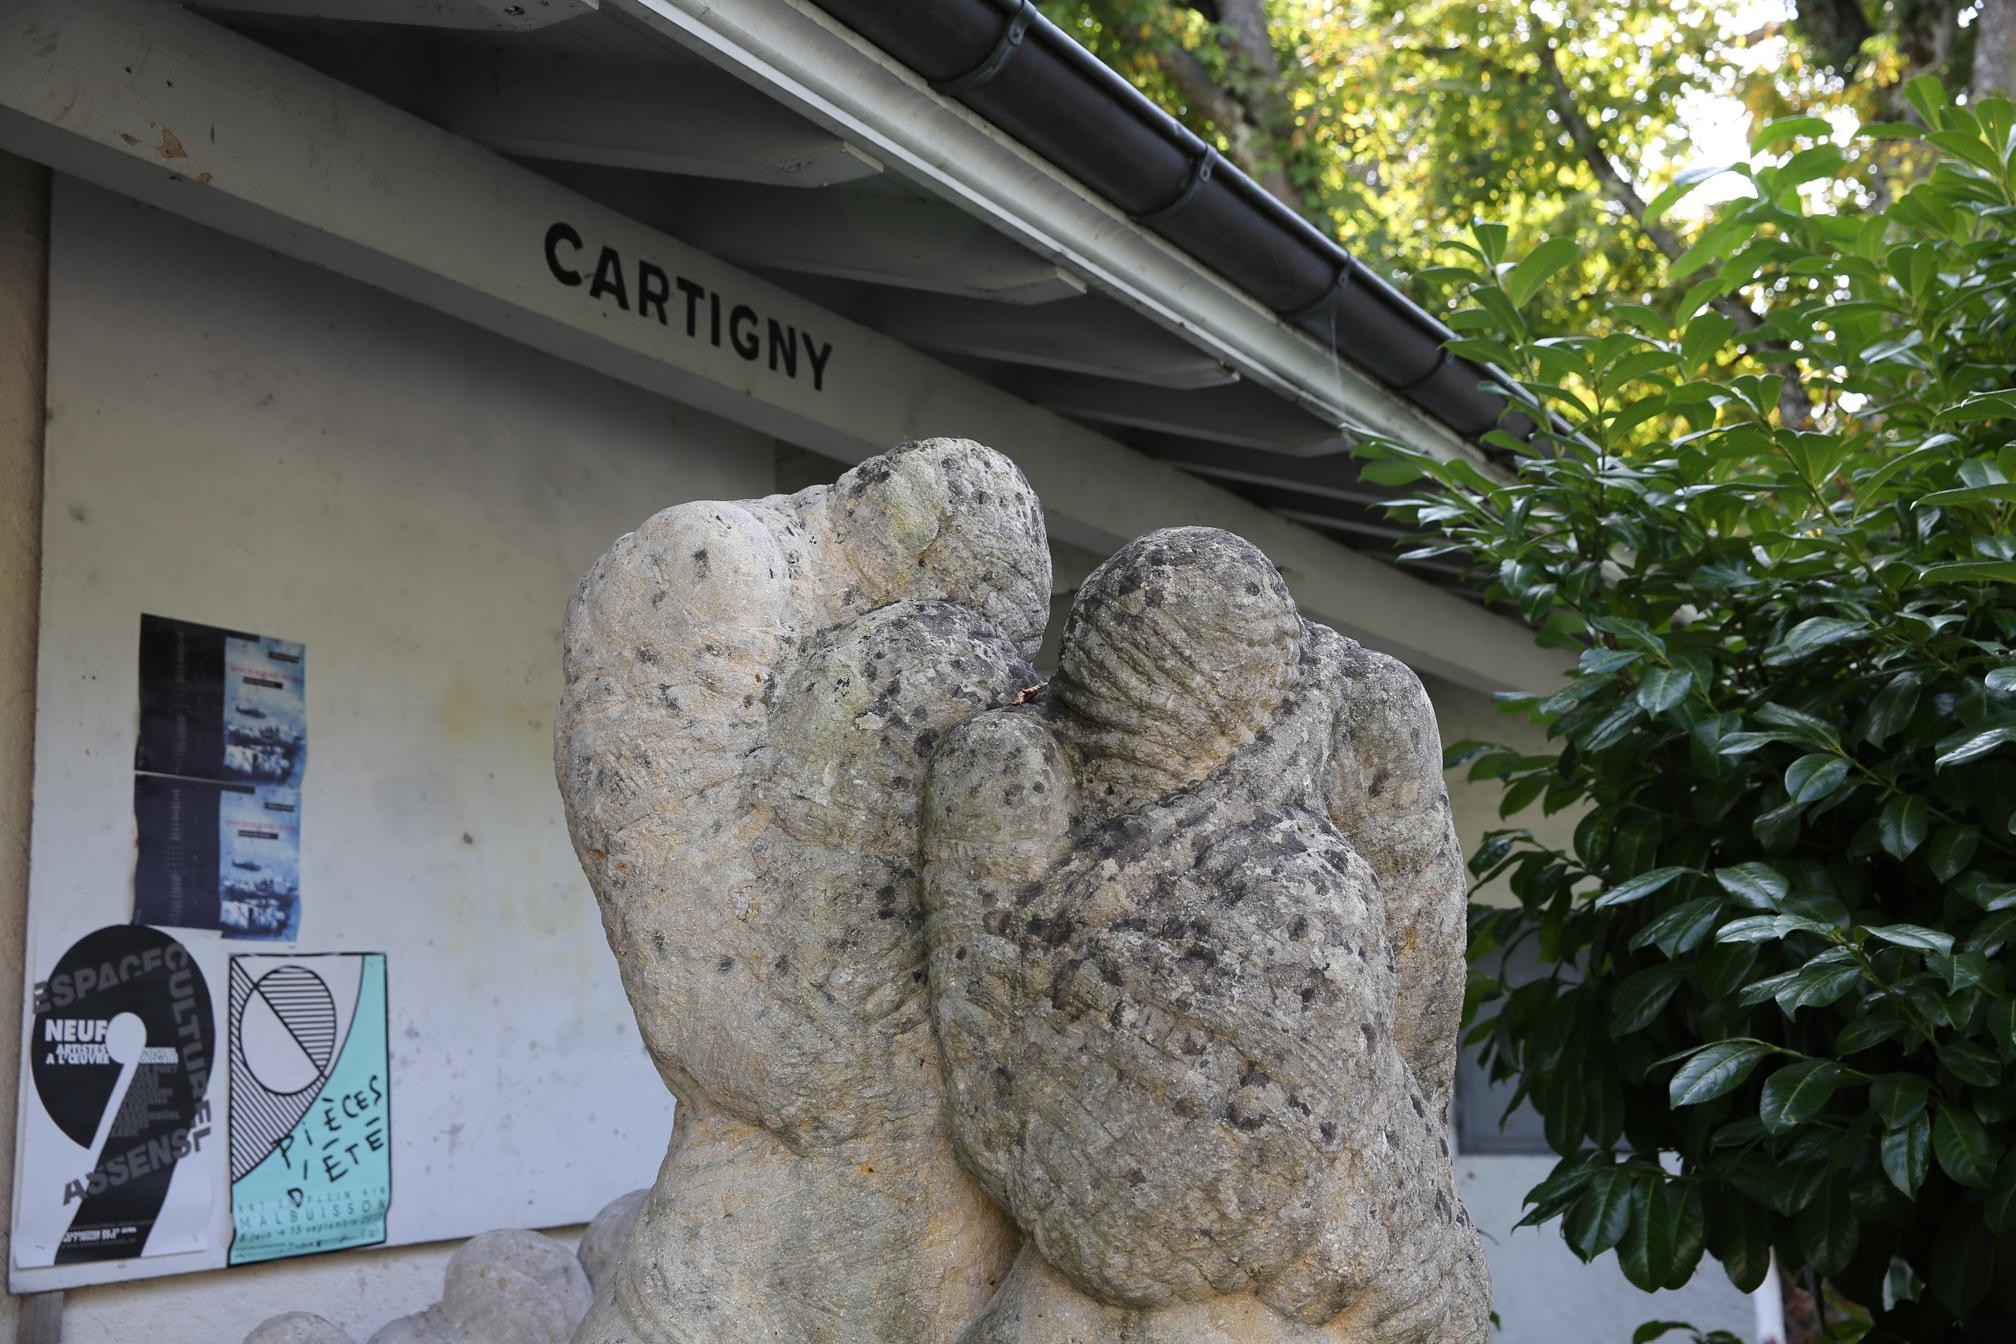 centre rencontre cartigny